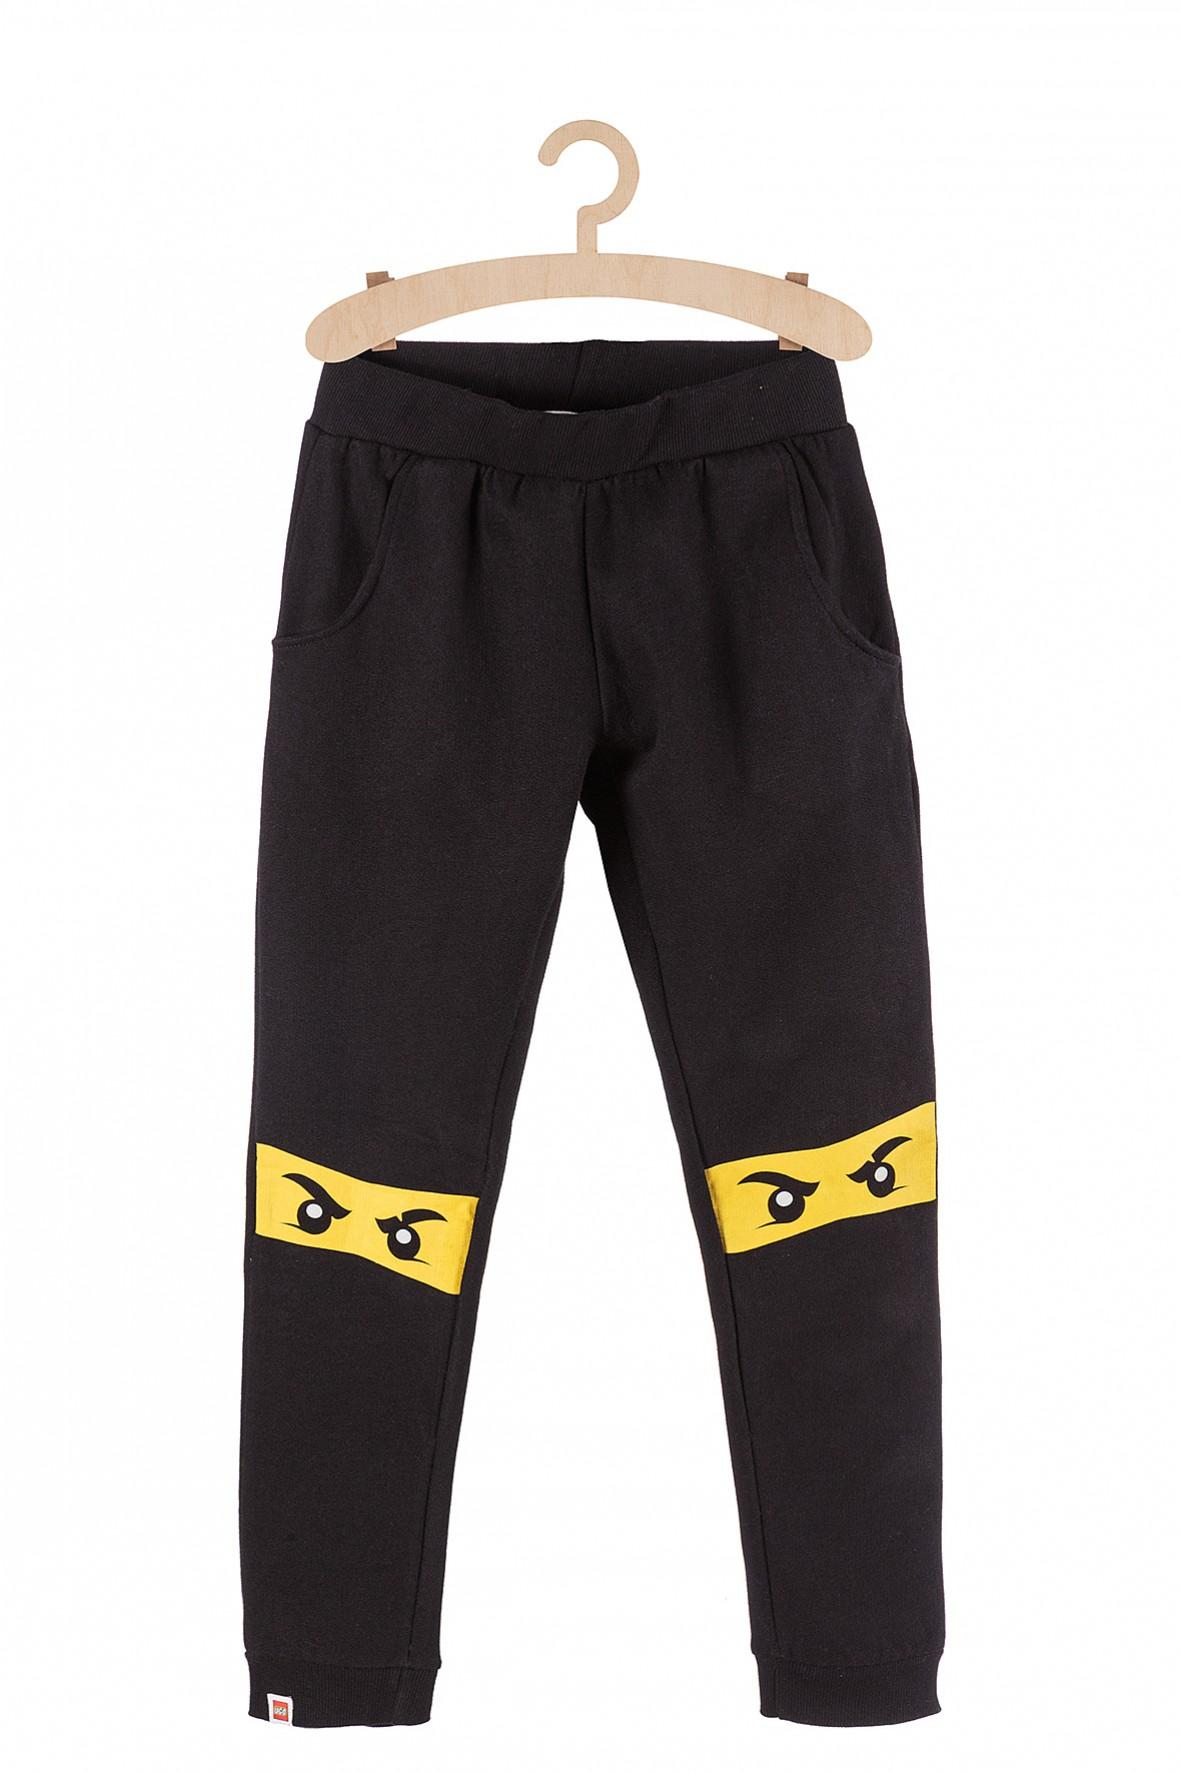 Spodnie chłopięce dresowe czarne Lego Ninjago